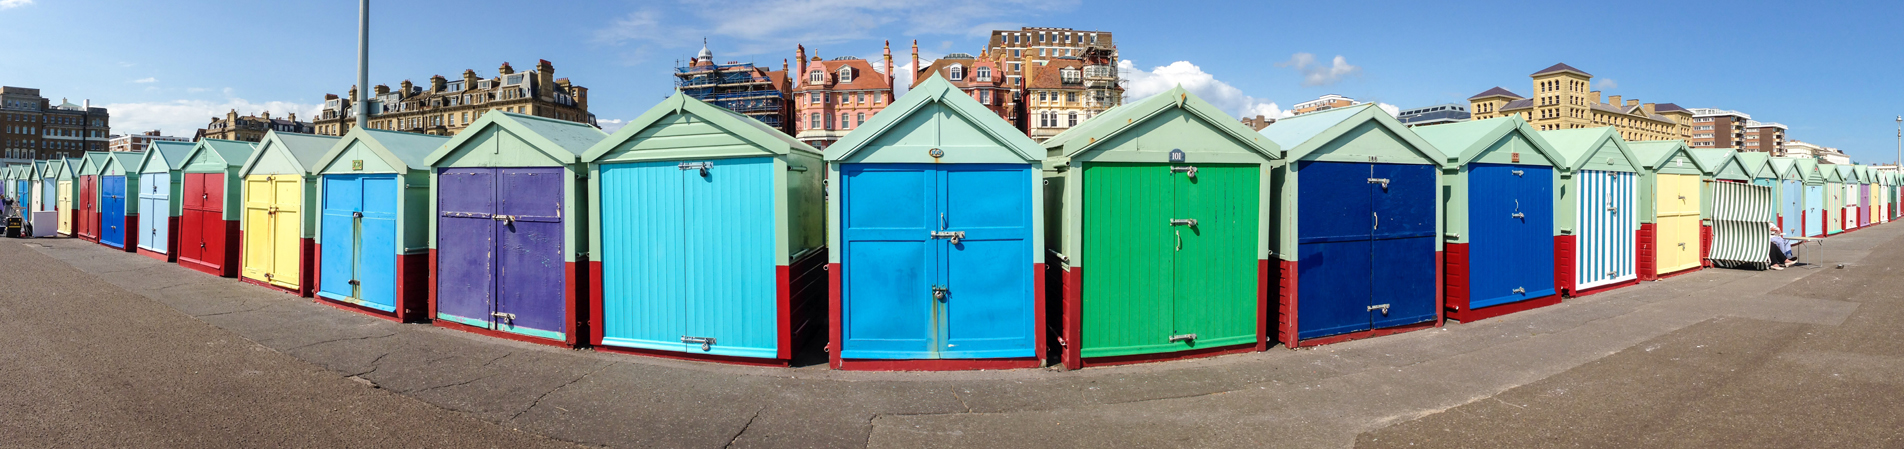 brighton-beach-huts